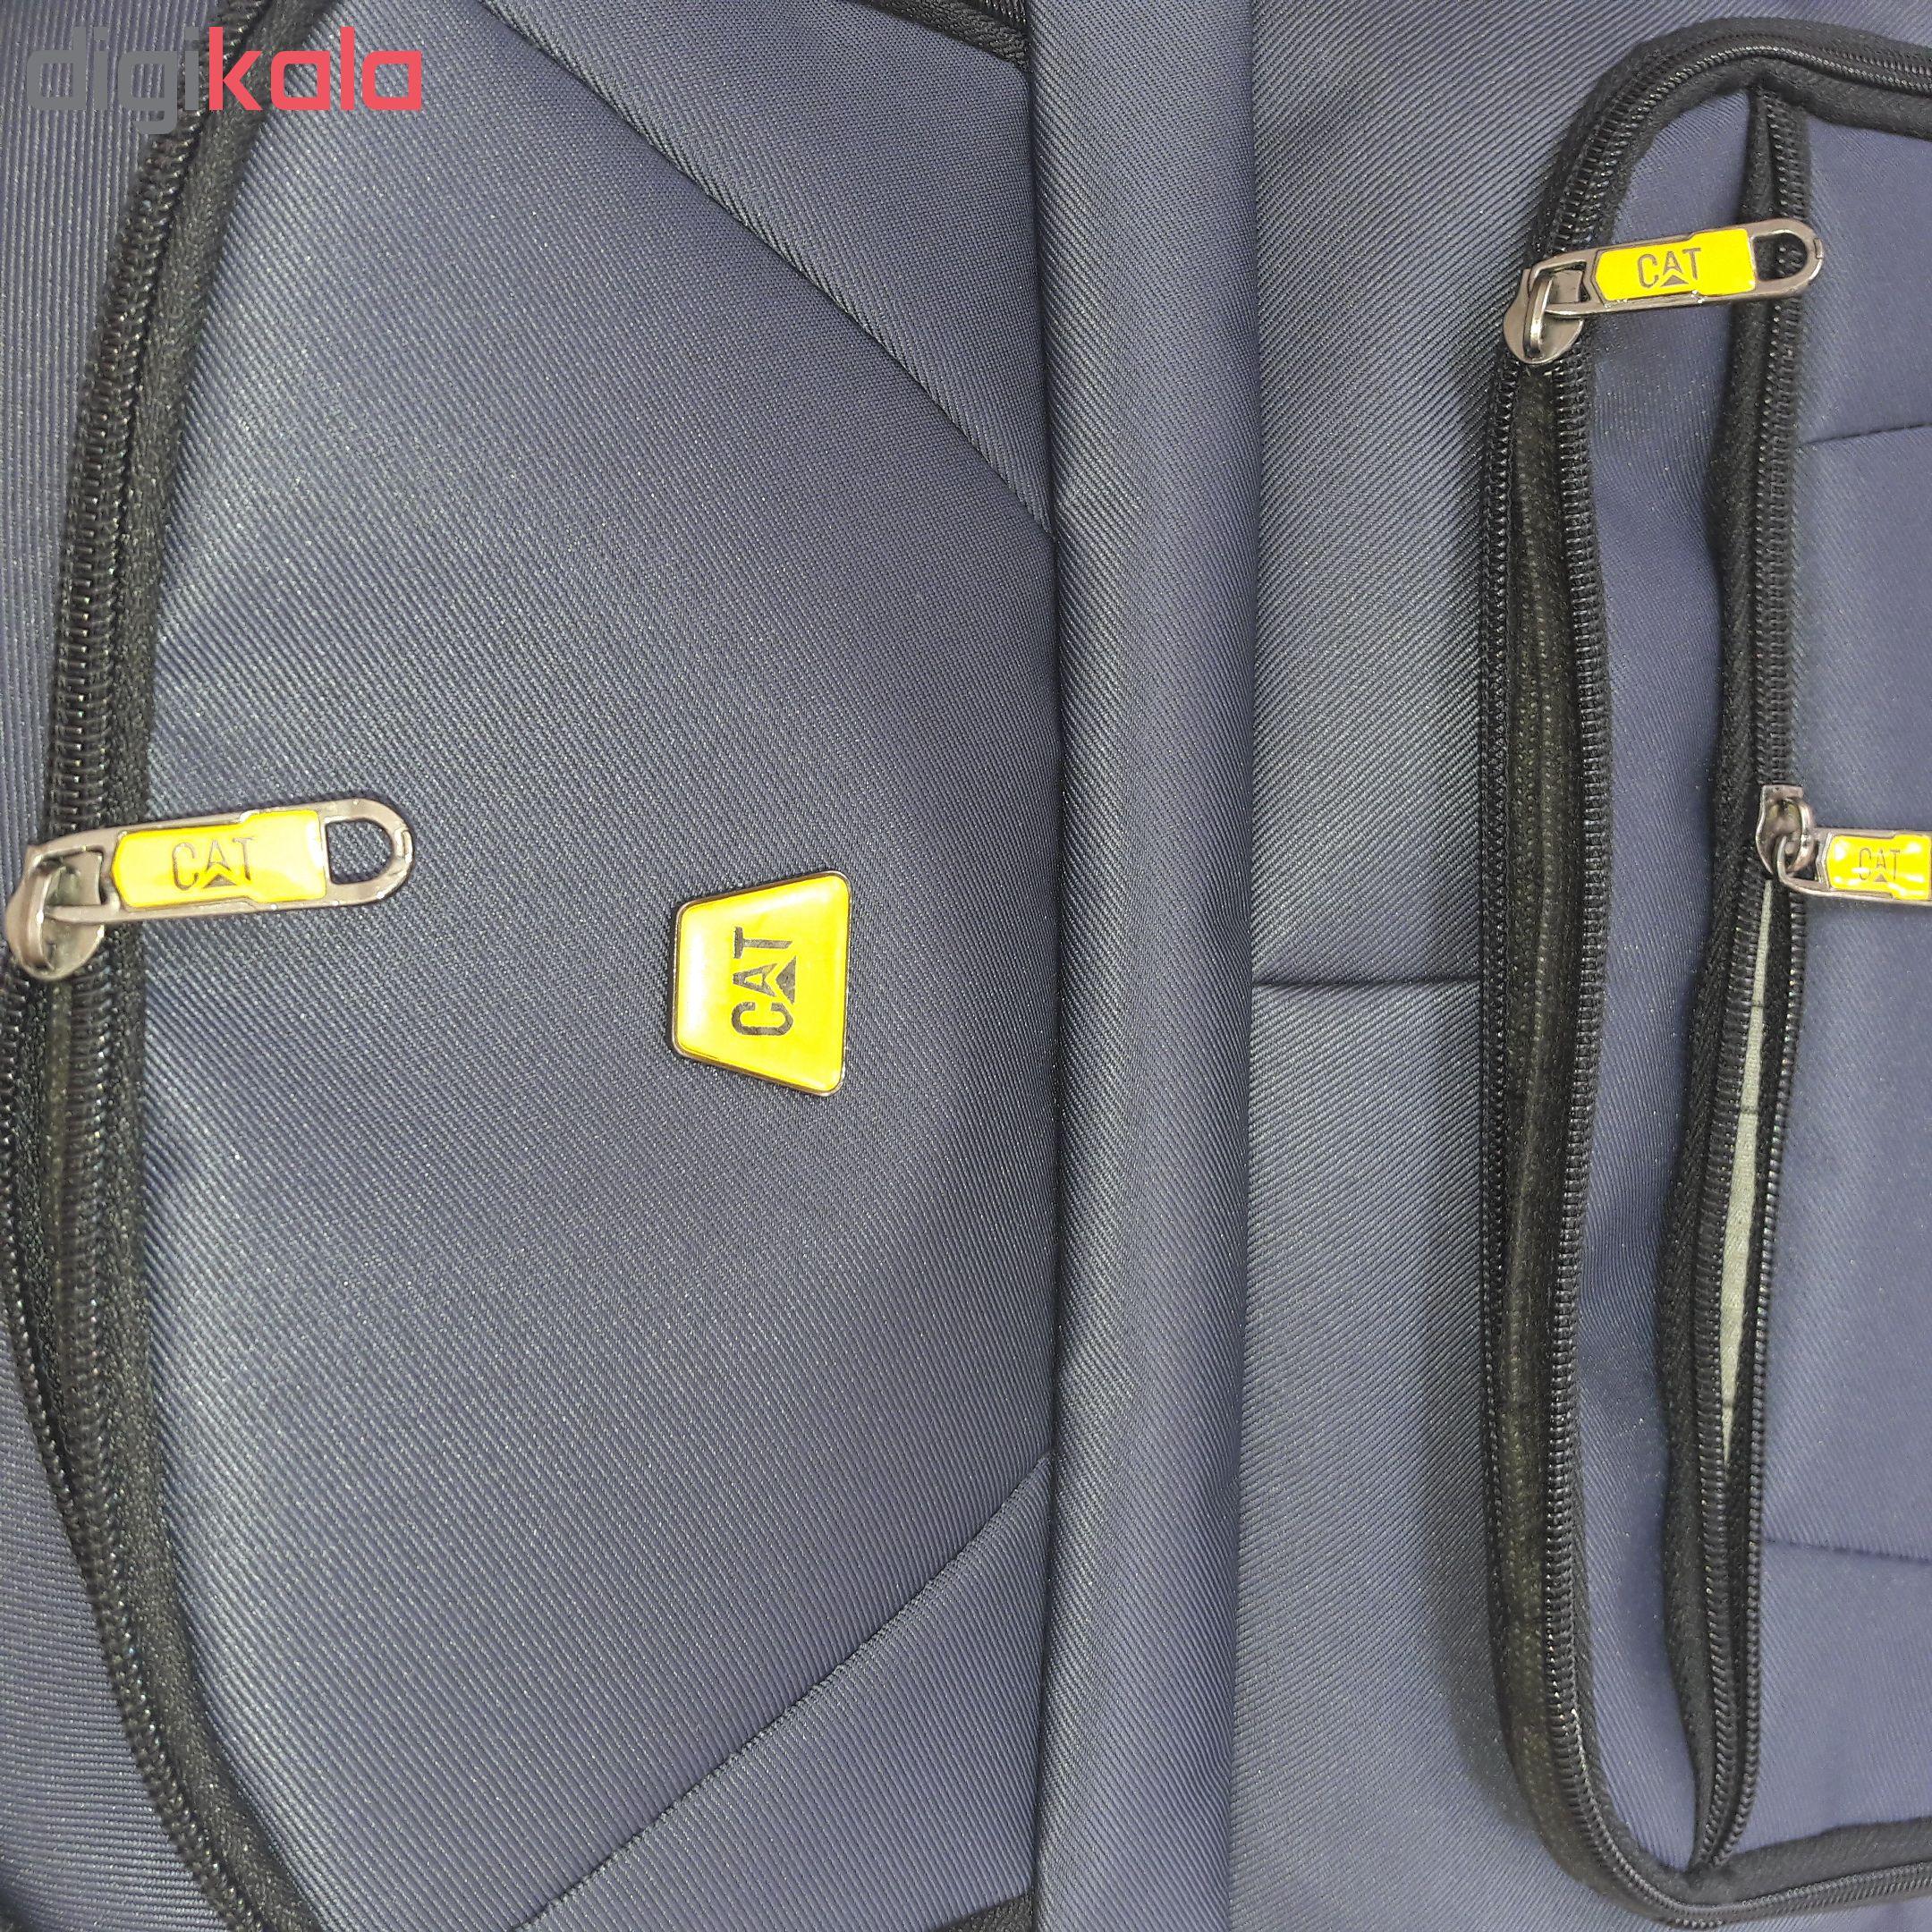 کوله پشتی لپ تاپ مدل b153 مناسب برای لپ تاپ 17 اینچی